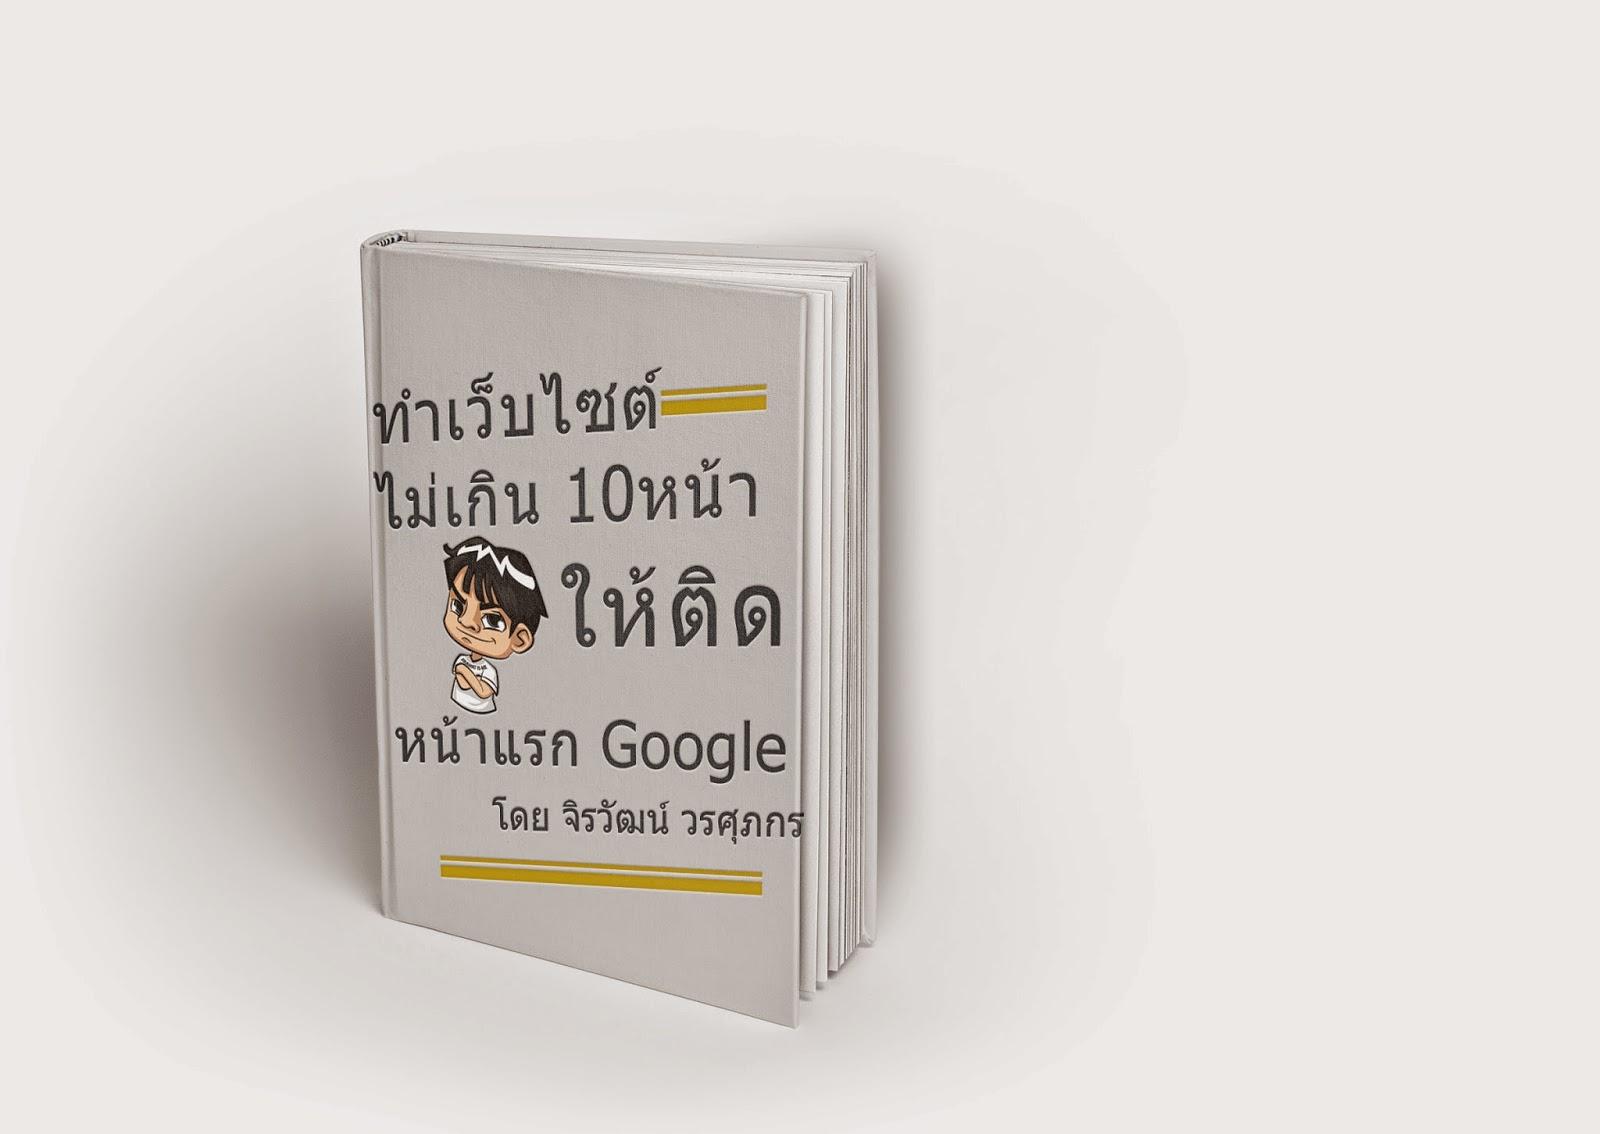 หนังสือ seo ทำเว็บไซต์ไม่เกิน10หน้า ให้ติดหน้าแรก Google คีย์ยาก